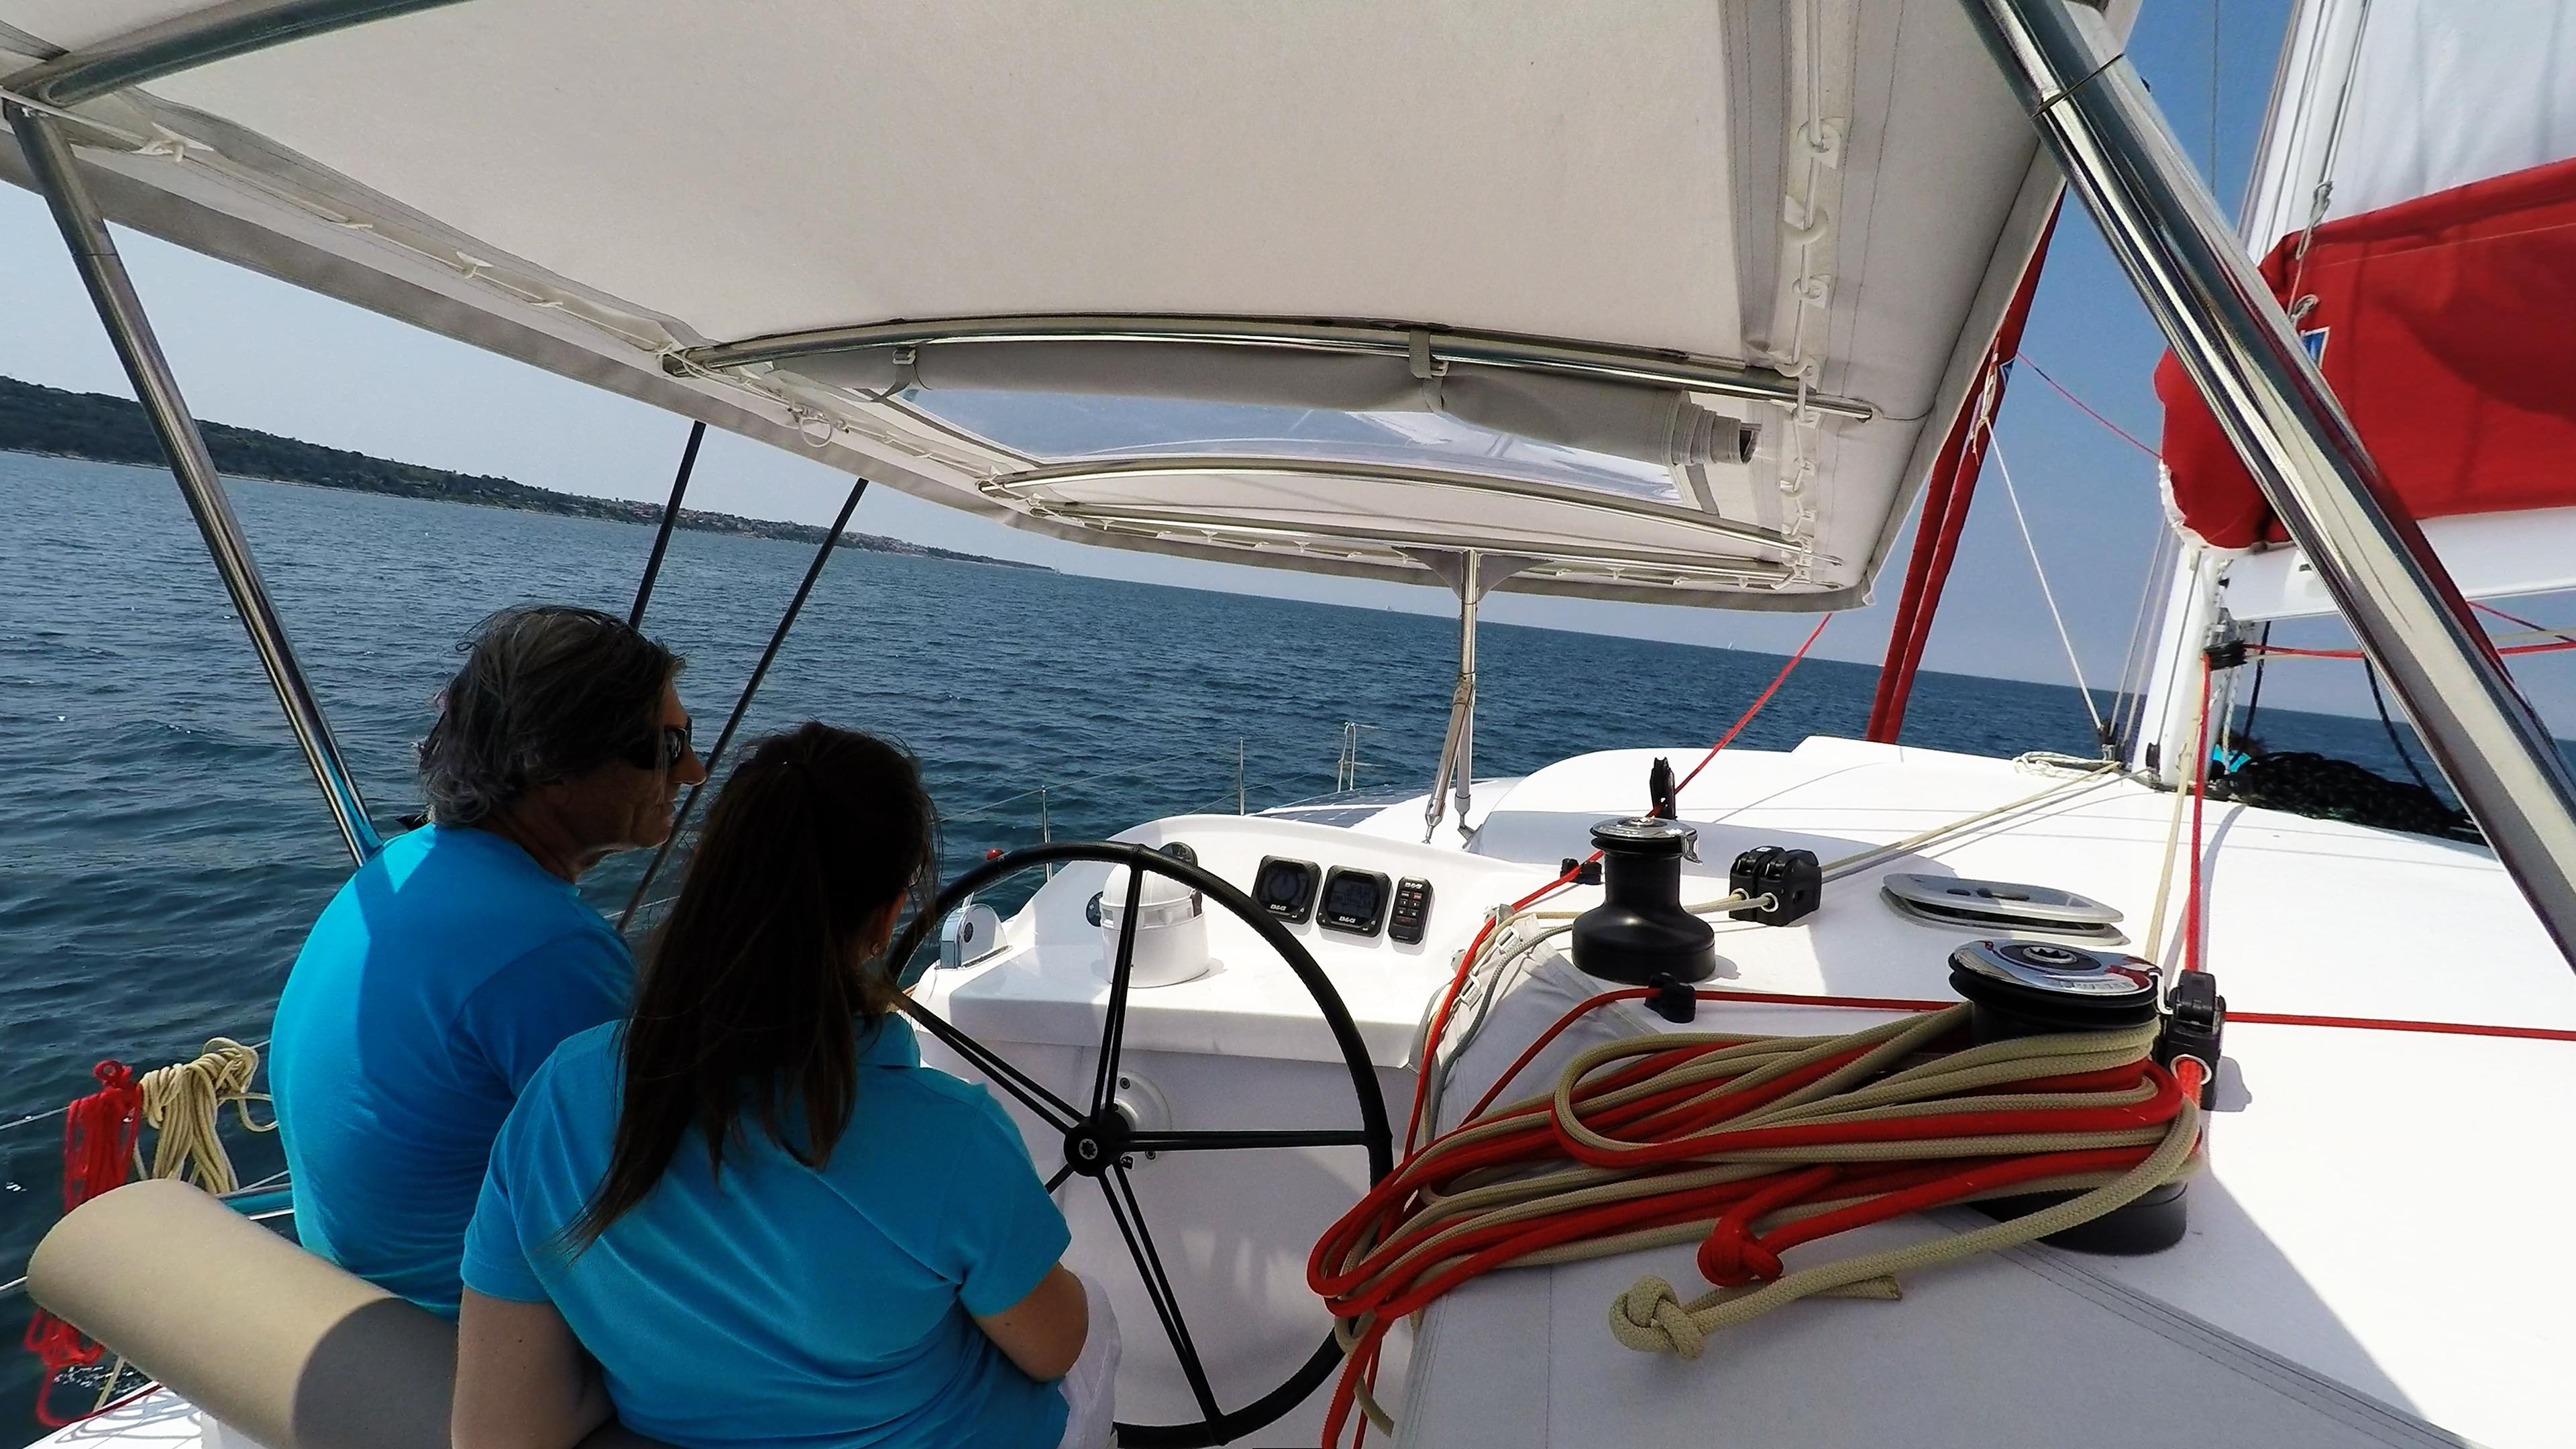 skipper e ragazza behind ruota del timone di trimarano  neel 45 yacht 4